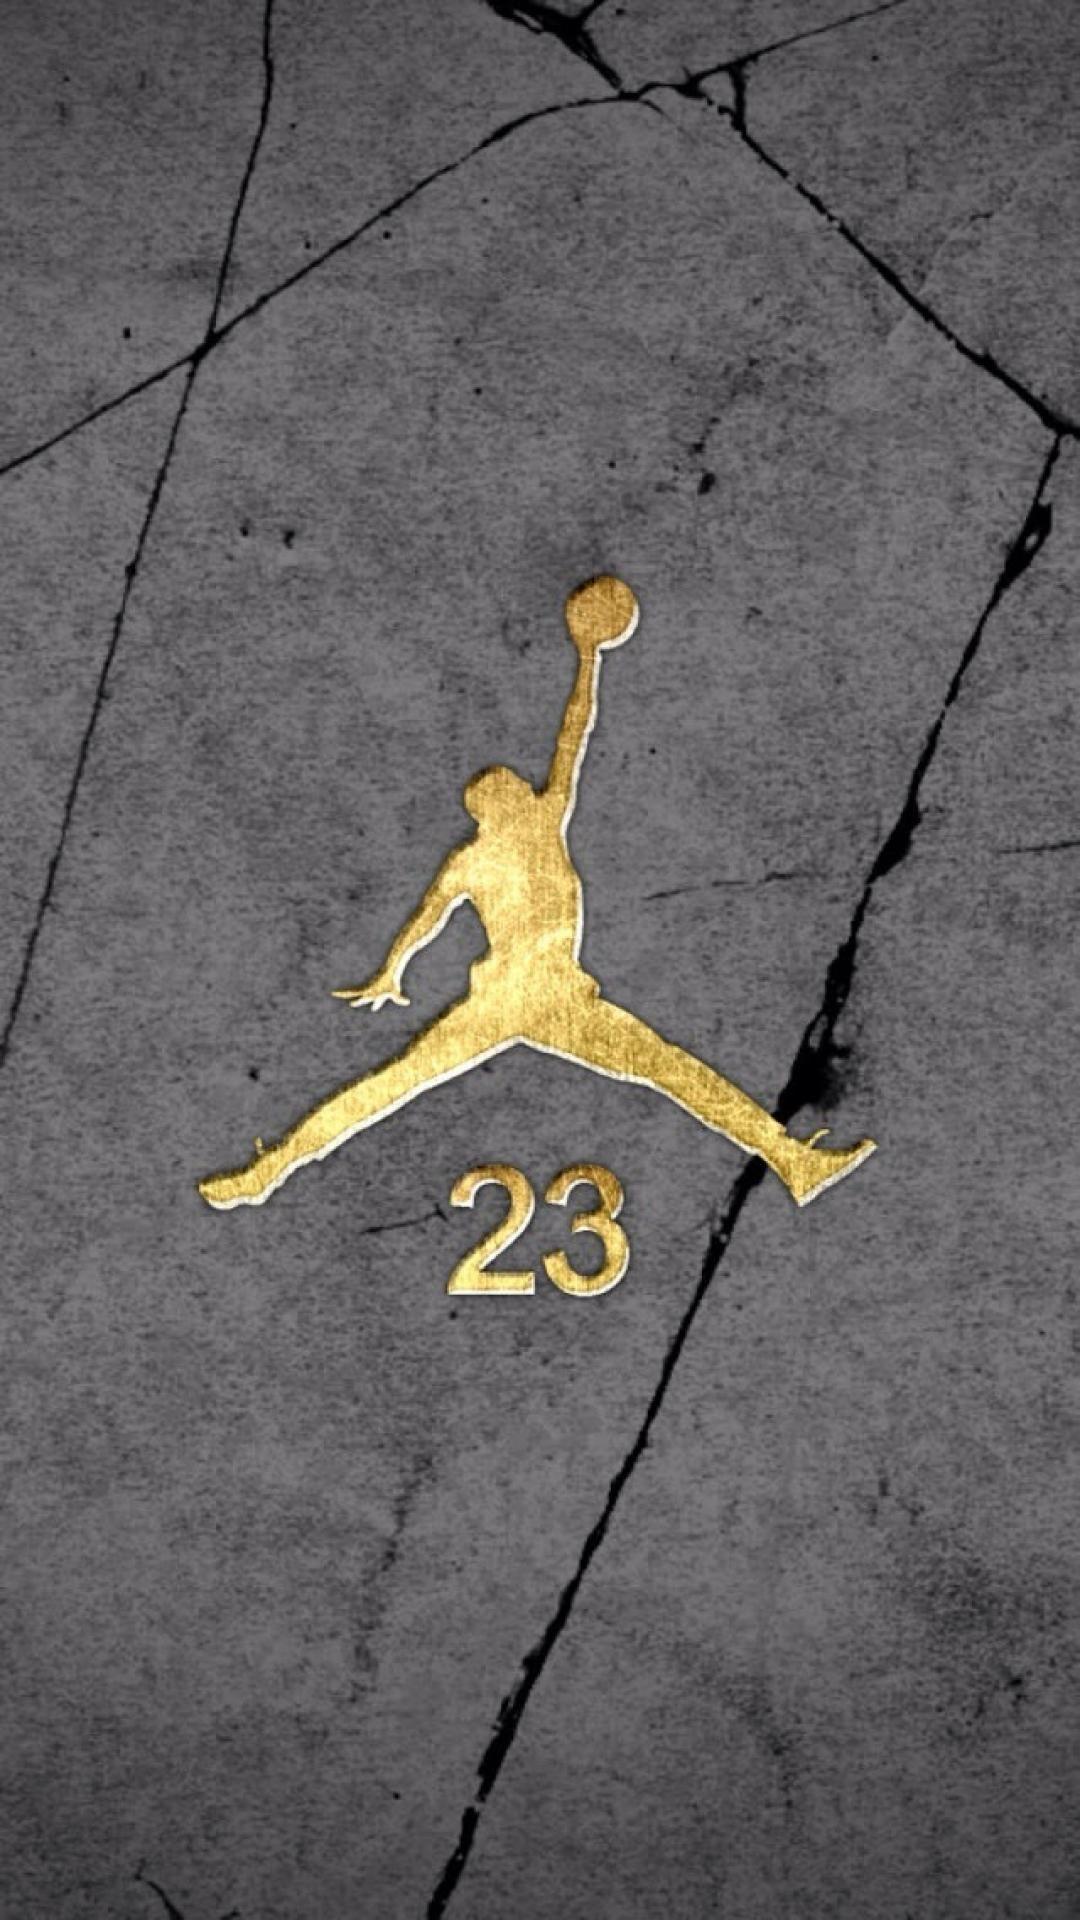 Gold Michael Jordan Wallpaper Iphone In 2020 Michael Jordan Wallpaper Iphone Jordan Logo Wallpaper Michael Jordan Art